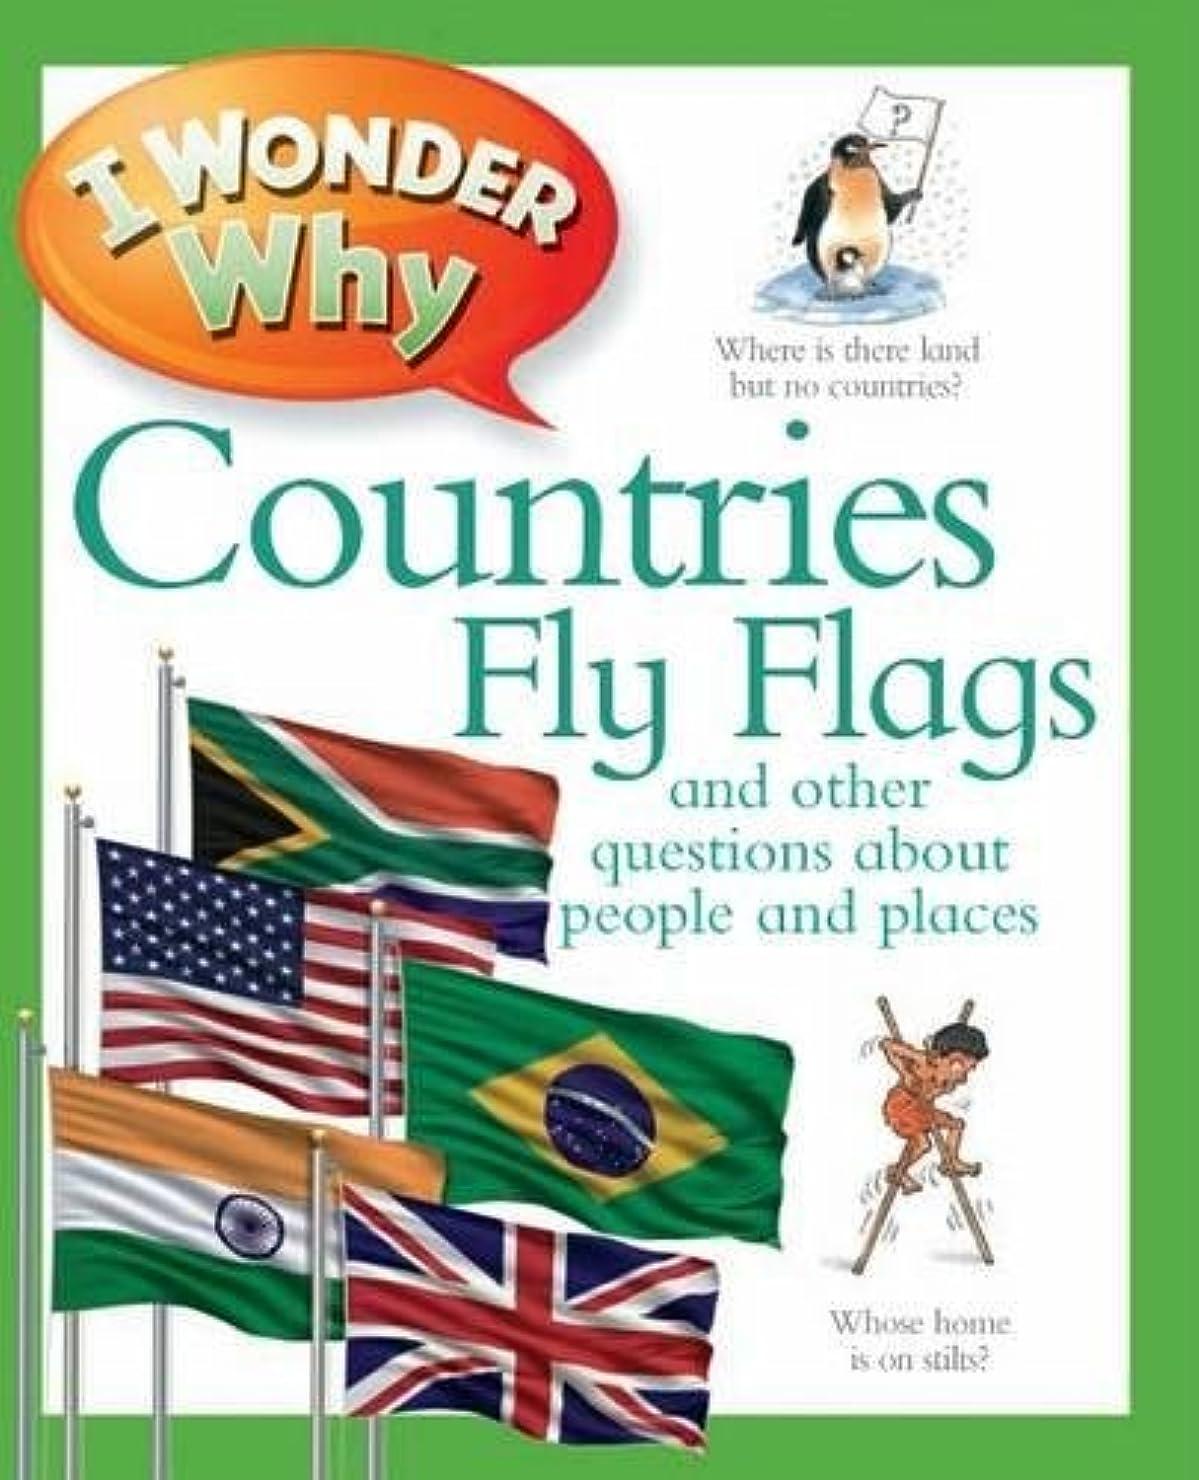 要求フリルセットするI Wonder Why Countries Fly Flags